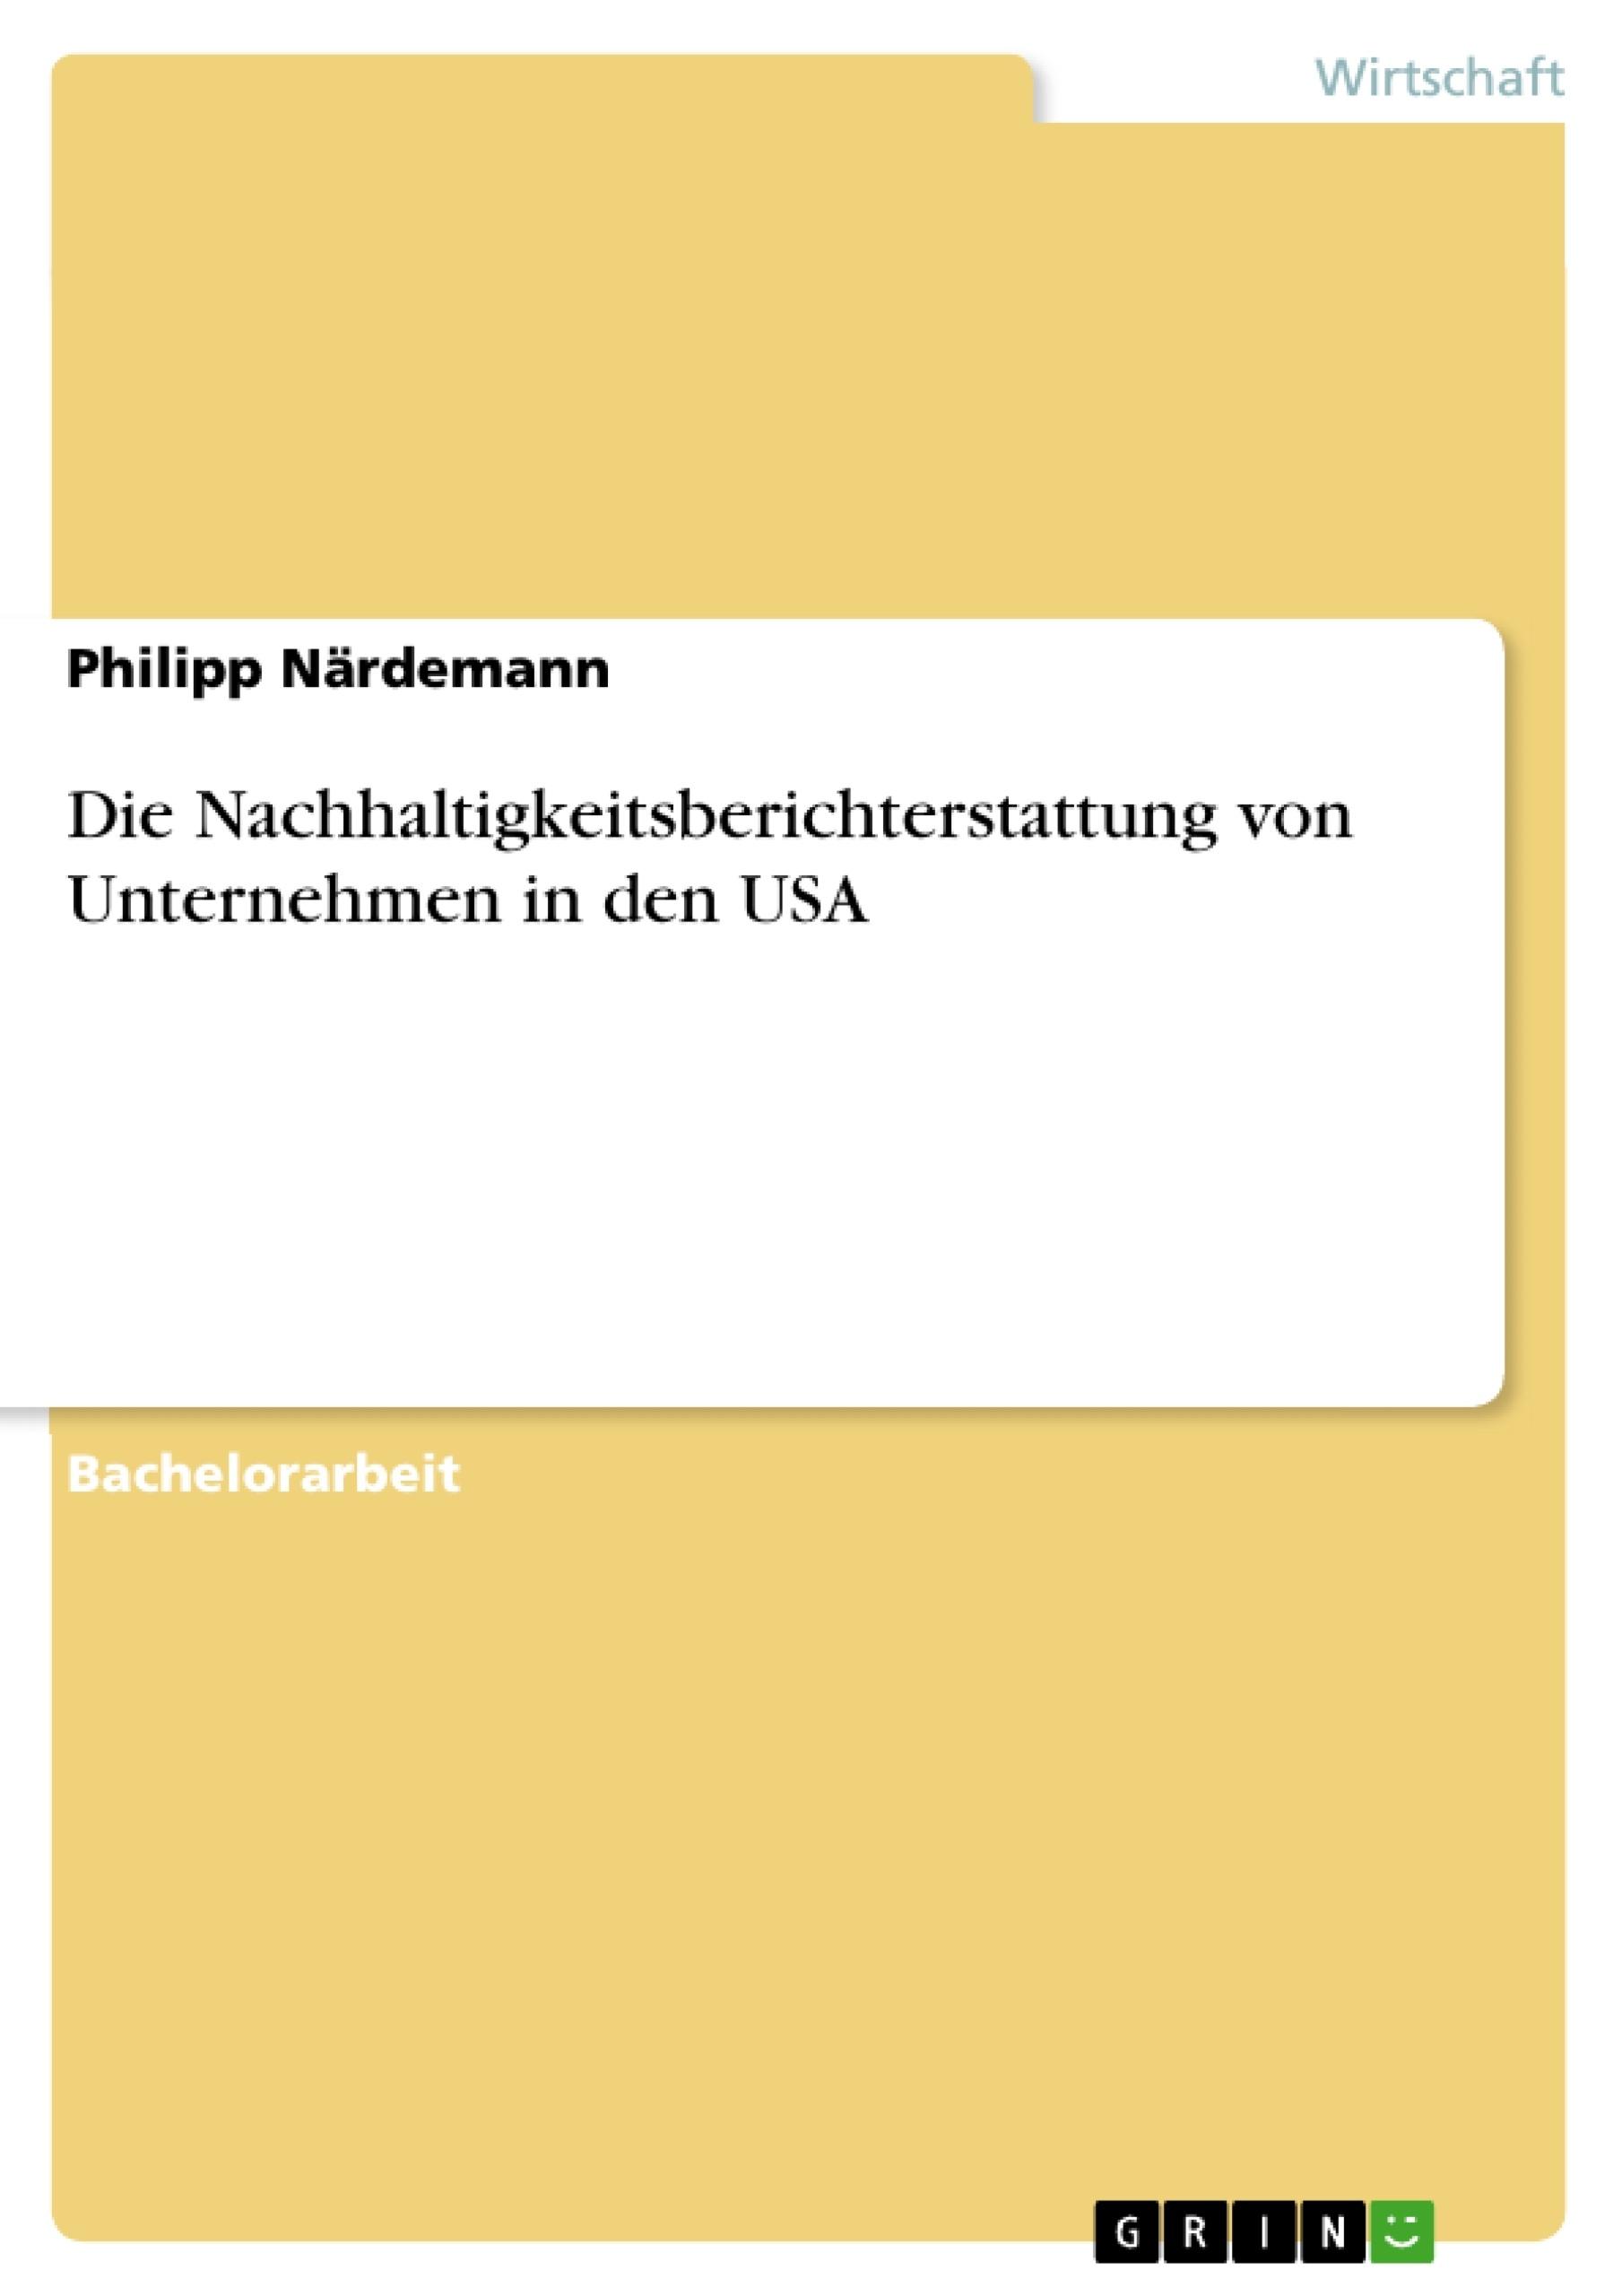 Titel: Die Nachhaltigkeitsberichterstattung von Unternehmen in den USA